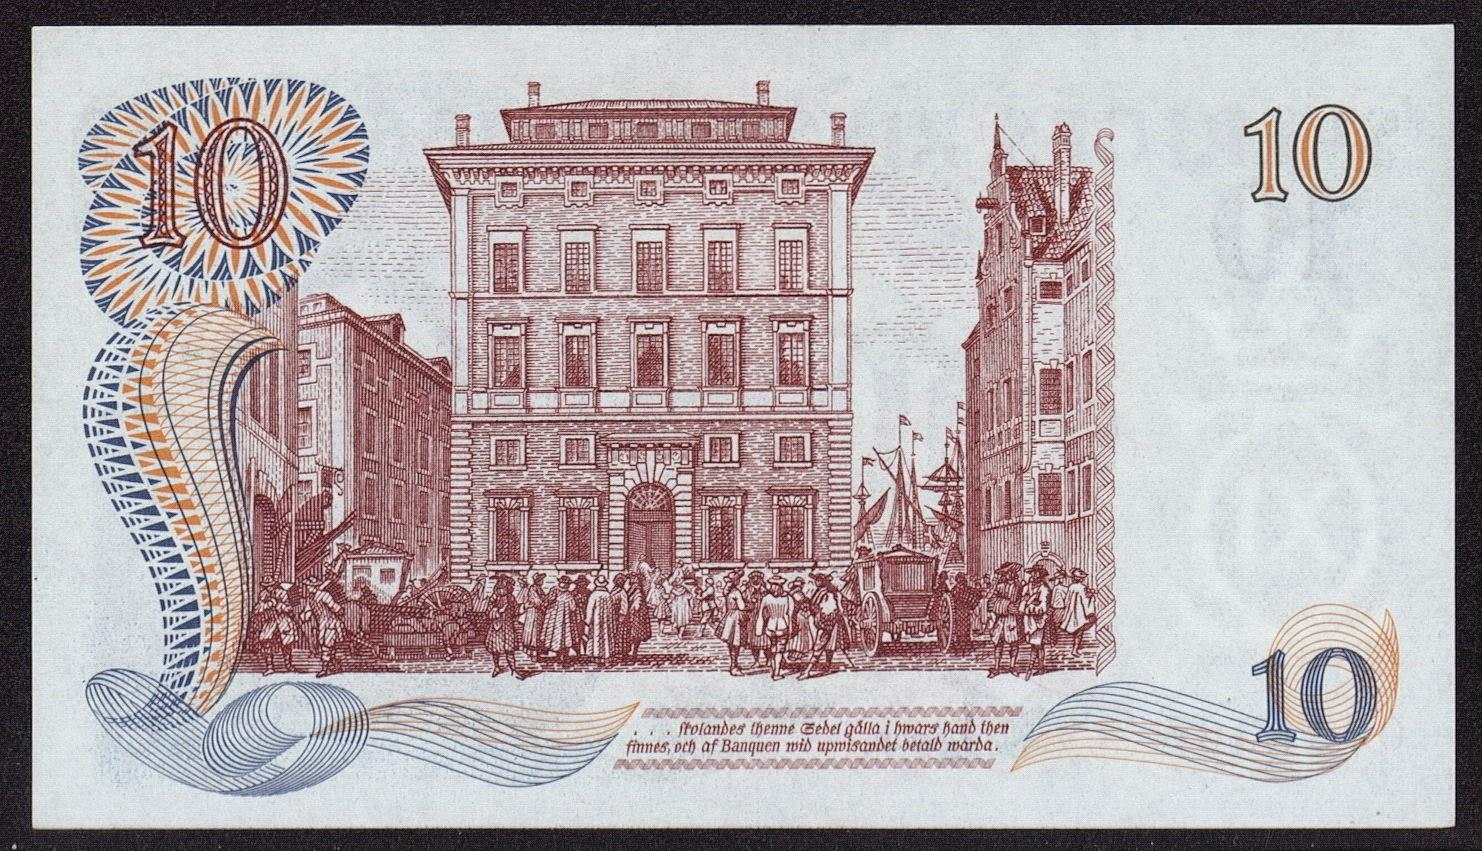 Sweden banknotes 10 Swedish Krona note Riksbank